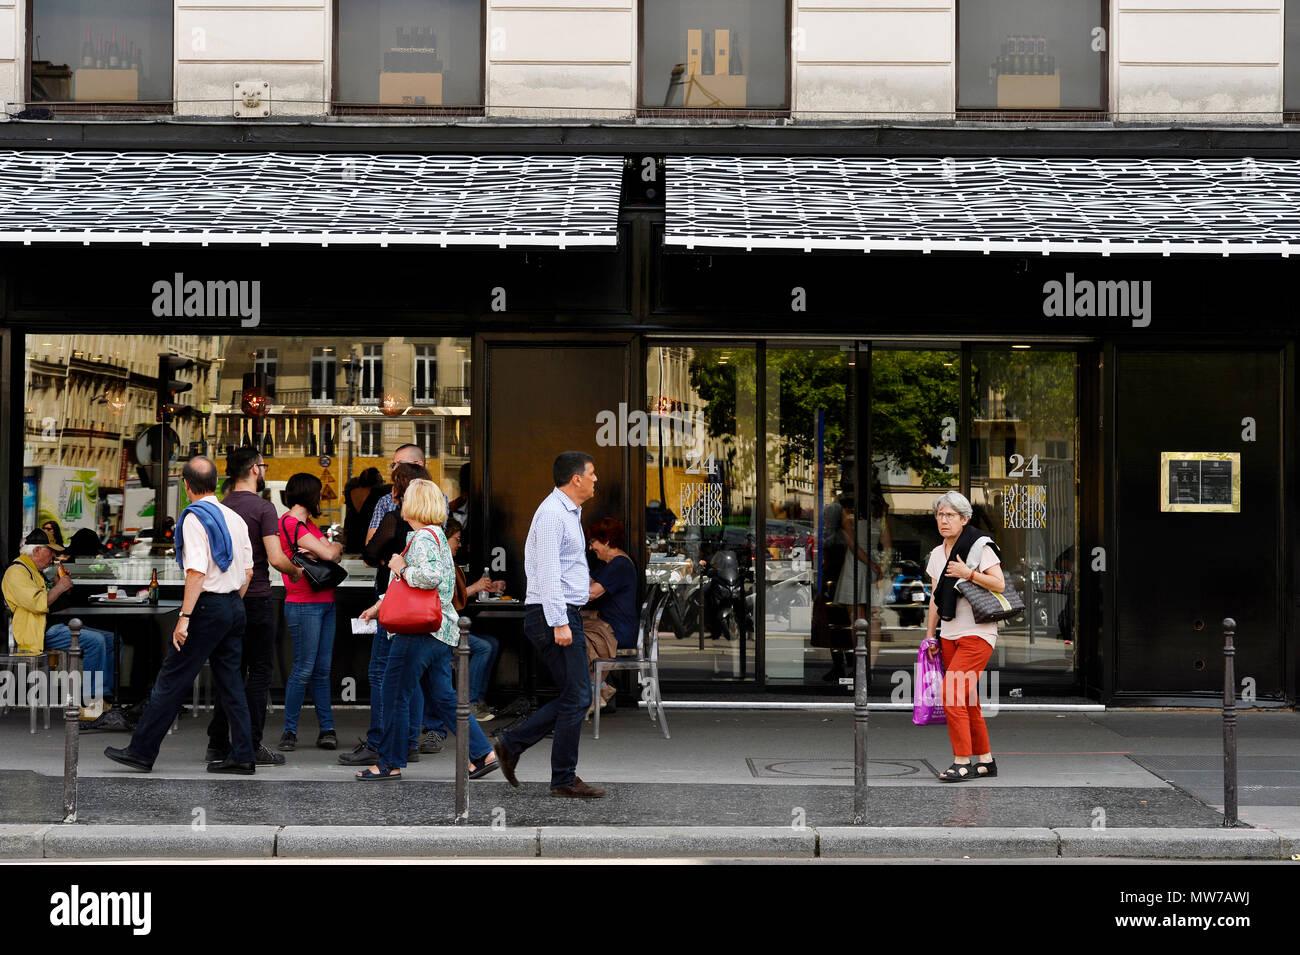 Fauchon de luxe caterer store - Place de la Madeleine - Paris - France - Stock Image